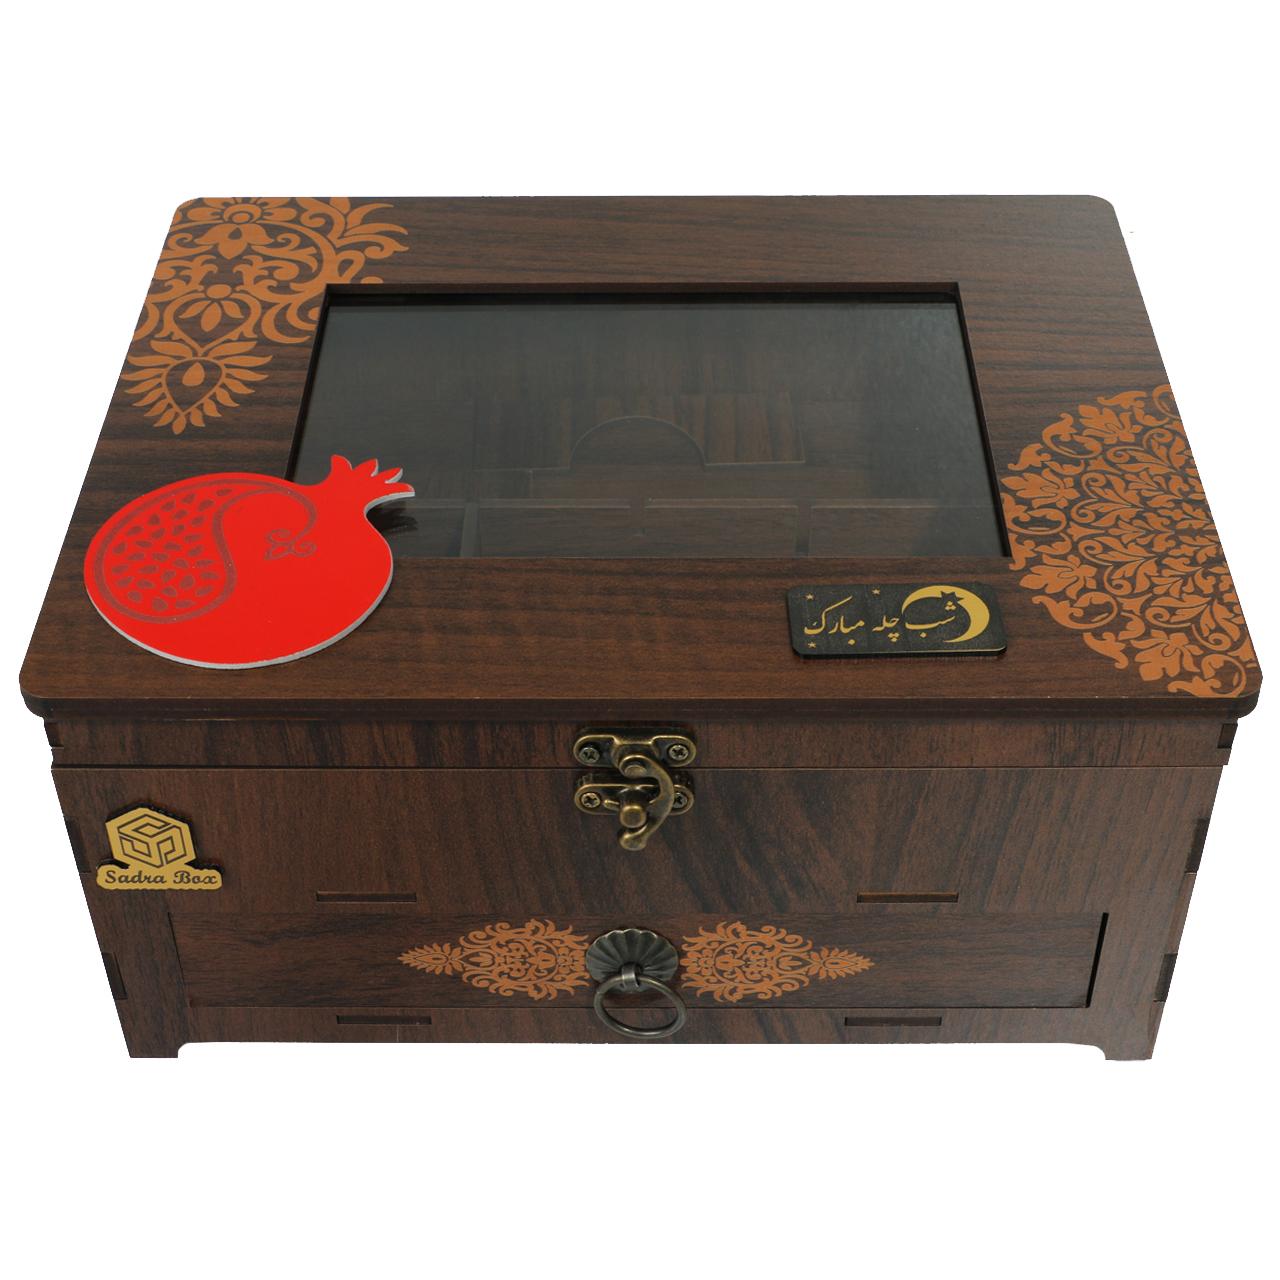 جعبه پذیرایی صدراباکس مدل الوند کد SB137